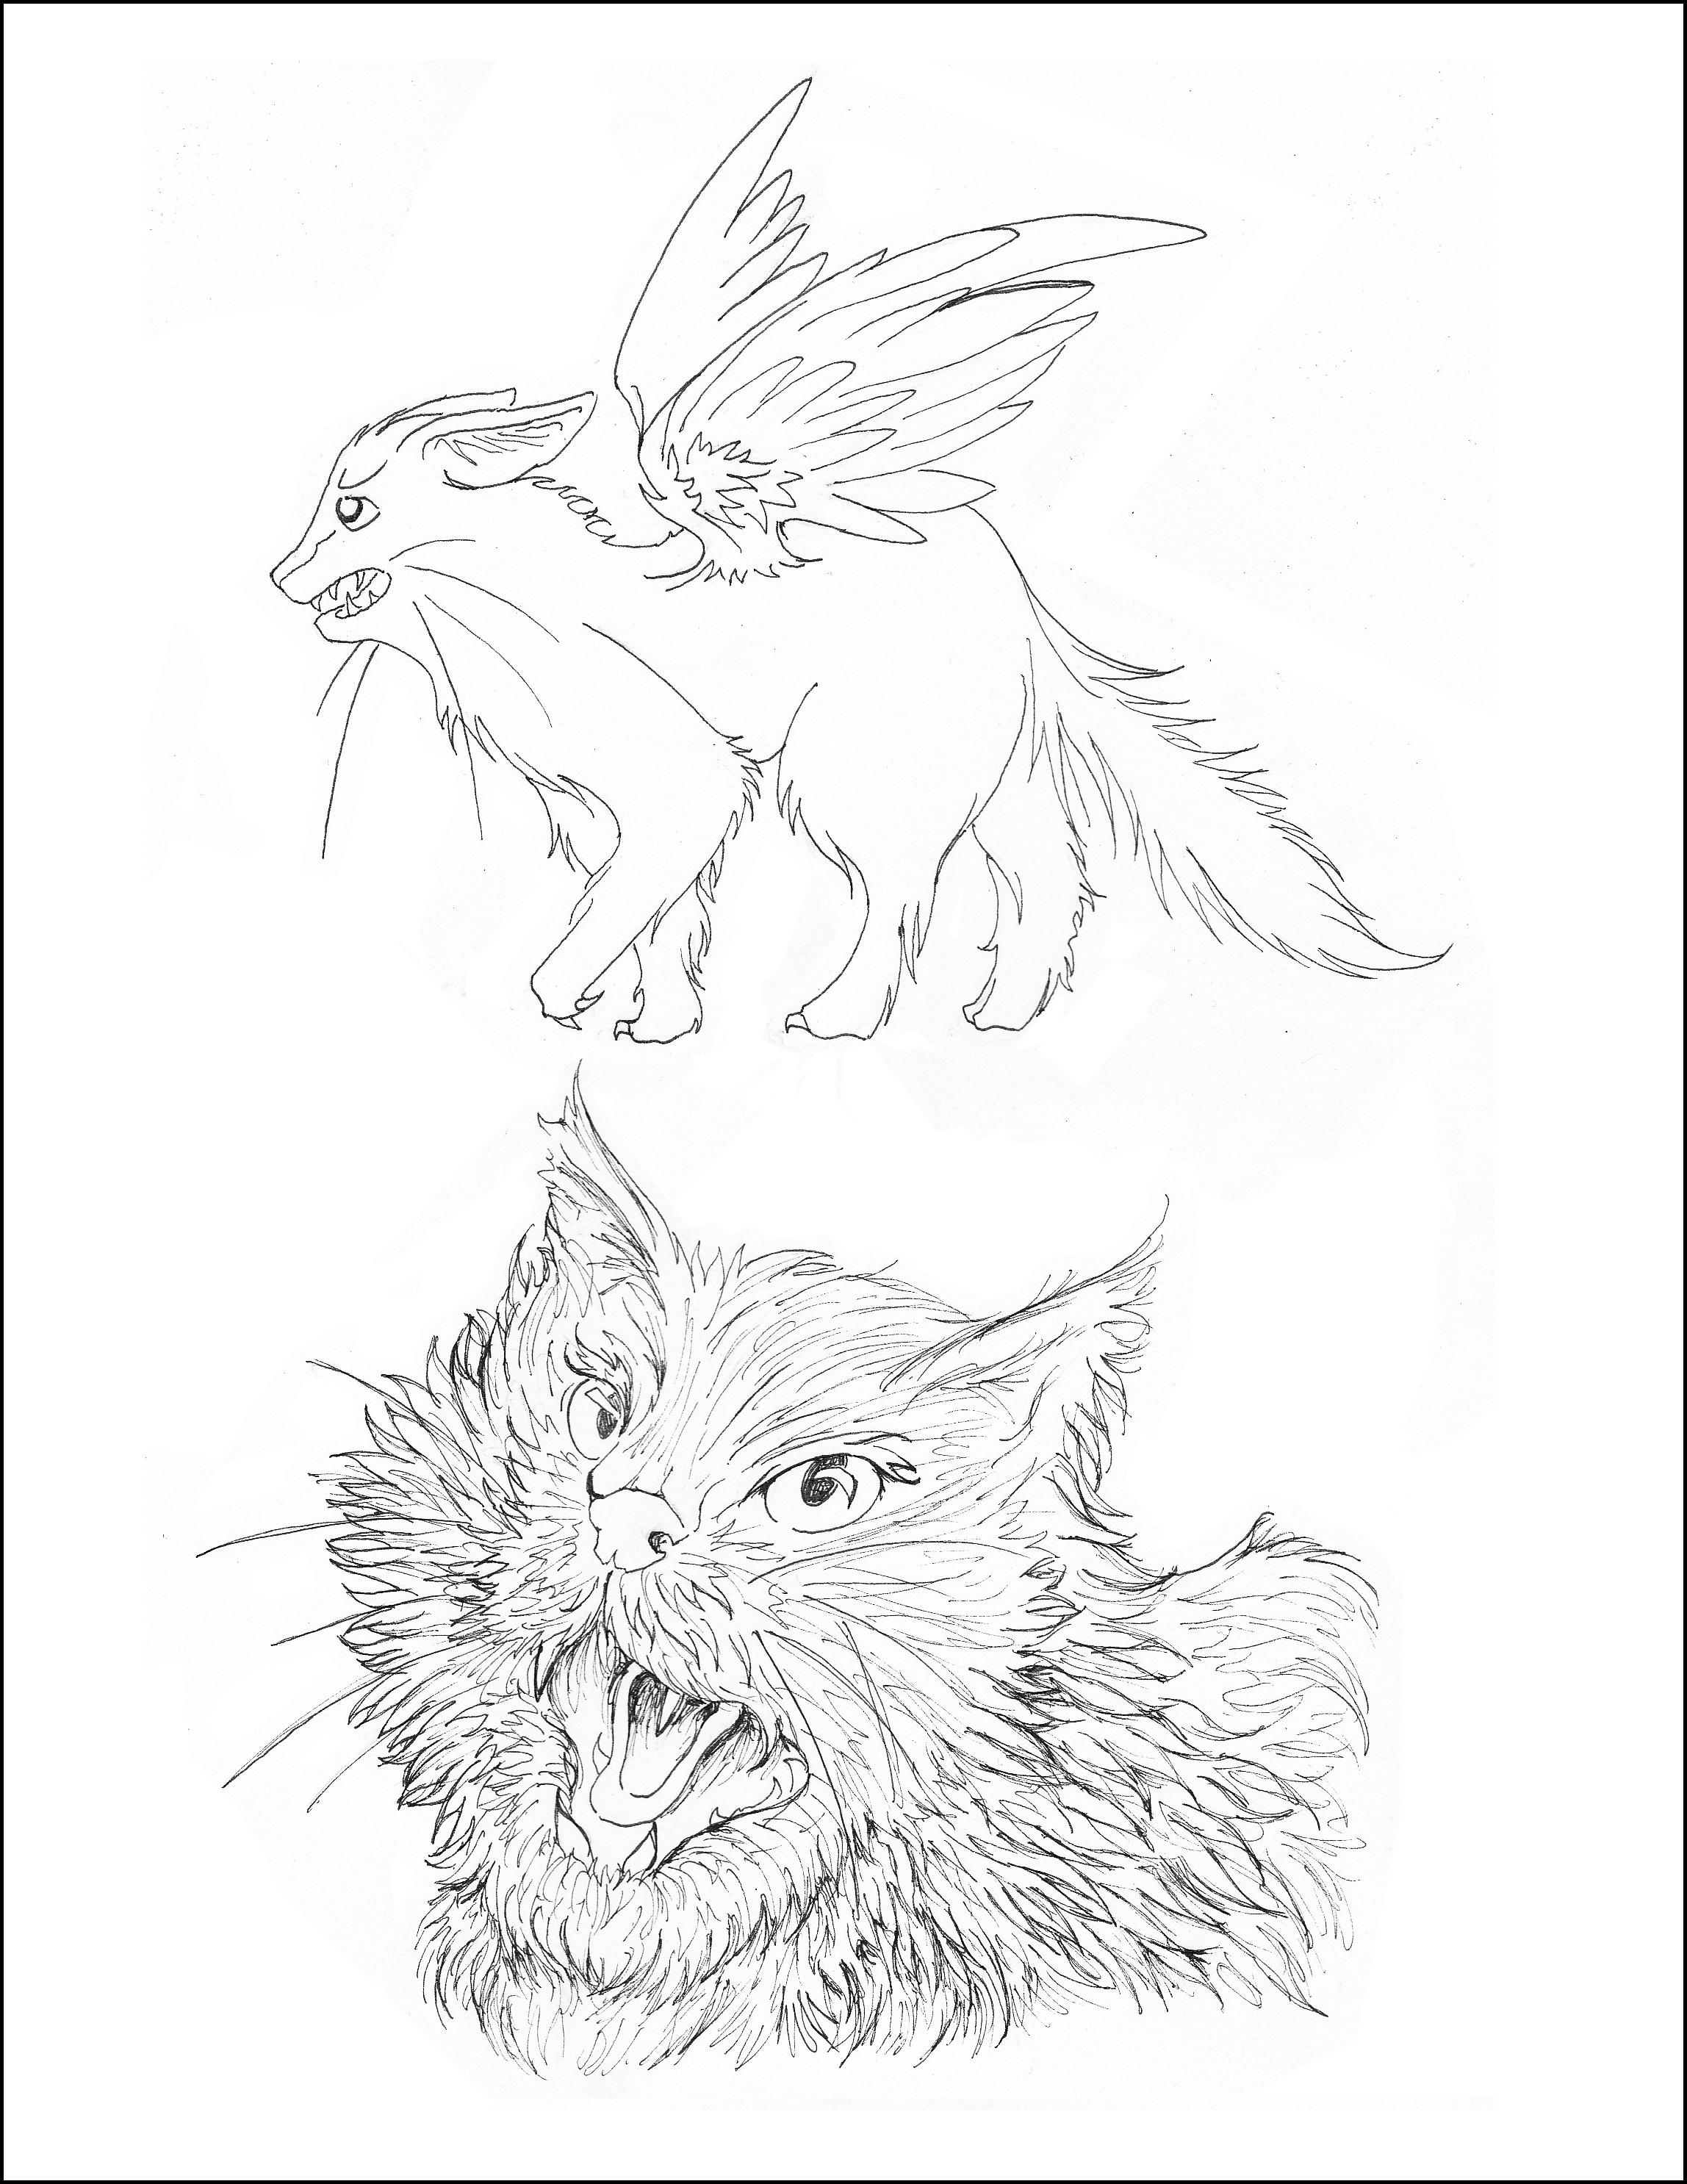 Feline Illustrations